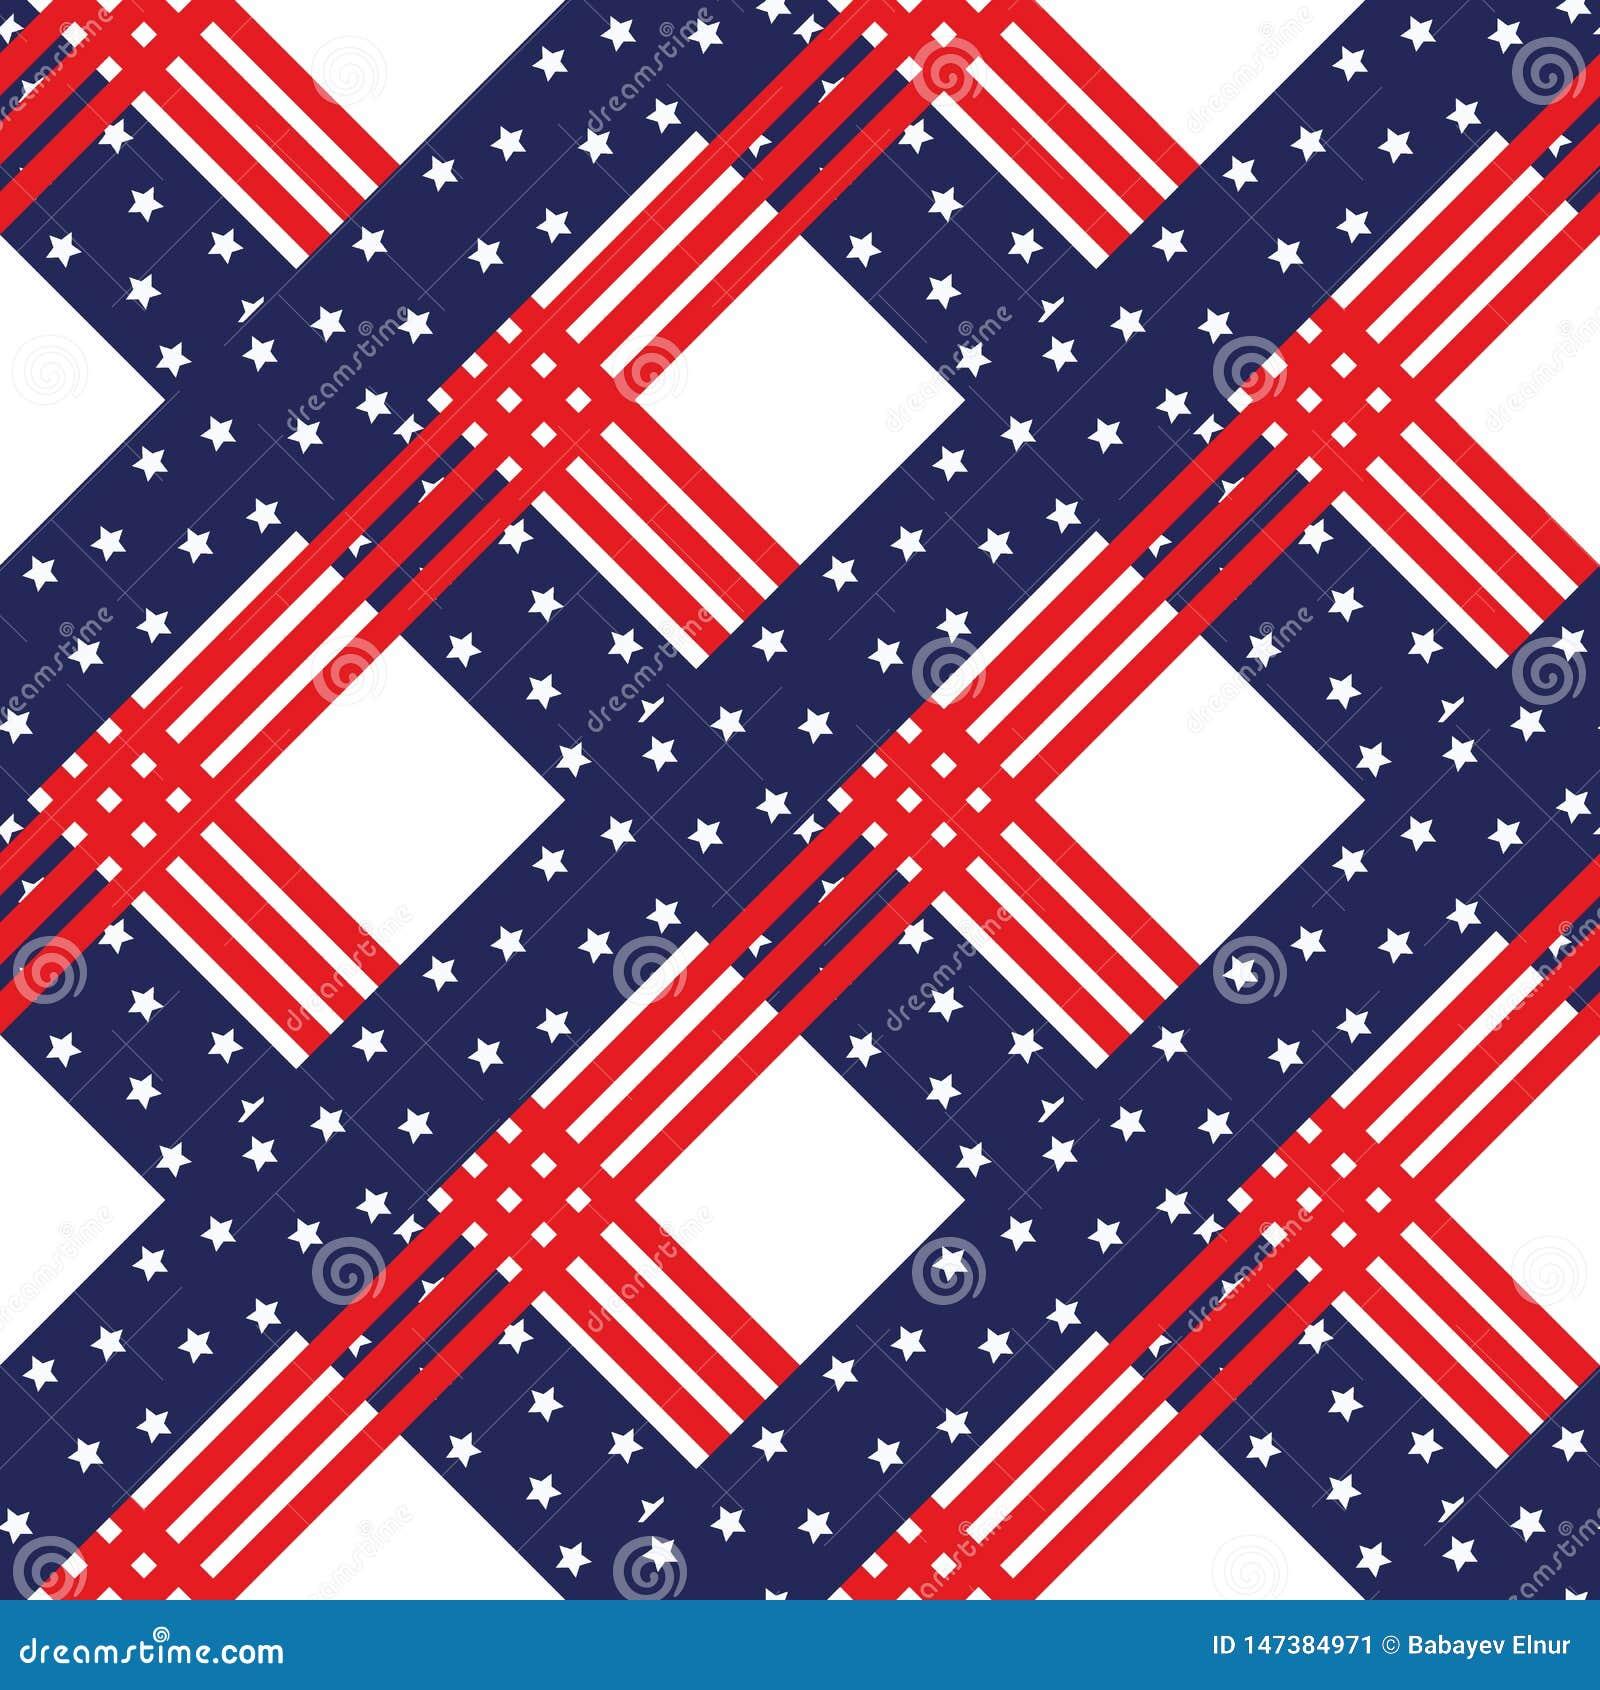 Amerikanisches Patriotisches Sternenbanner Nahtloses